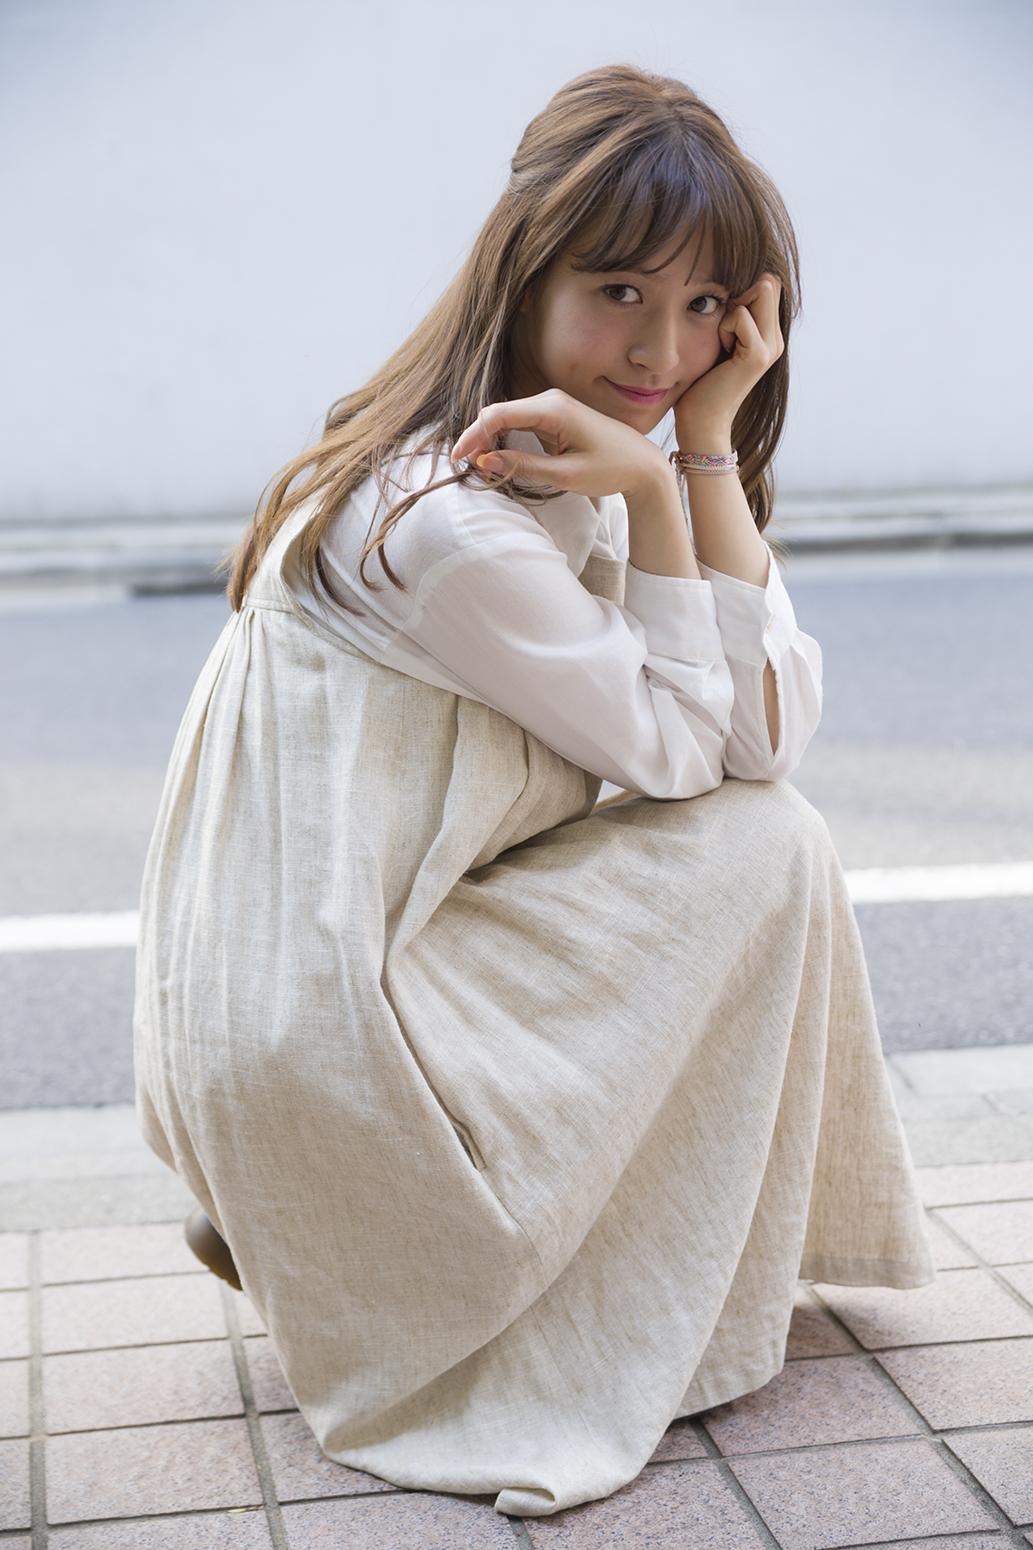 野崎萌香の画像 p1_29